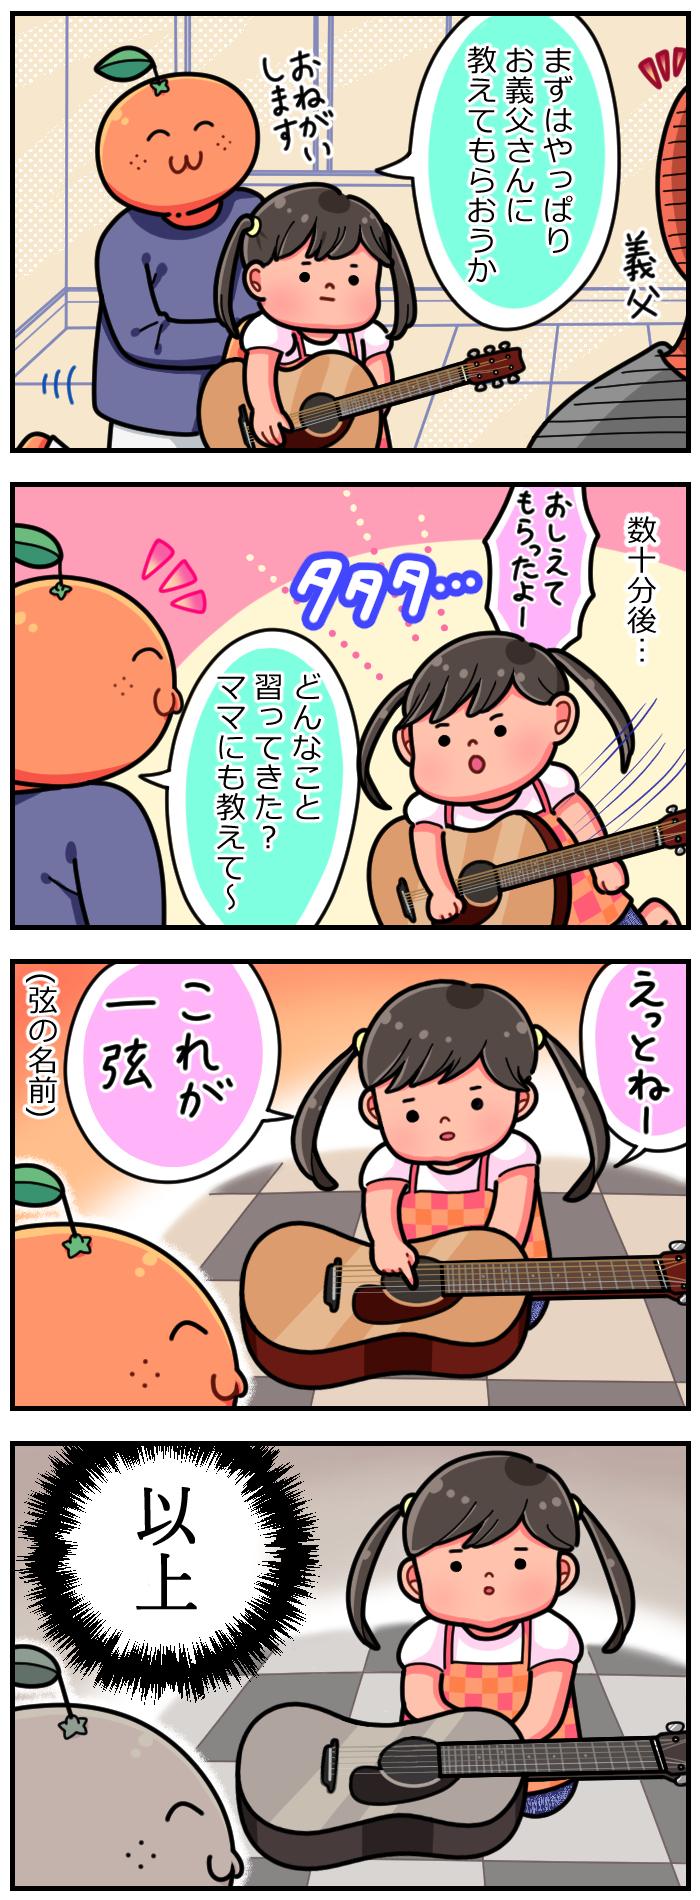 娘がギターに初挑戦!家族で音楽の秋を満喫…の、はずだったけど?!(笑)の画像2